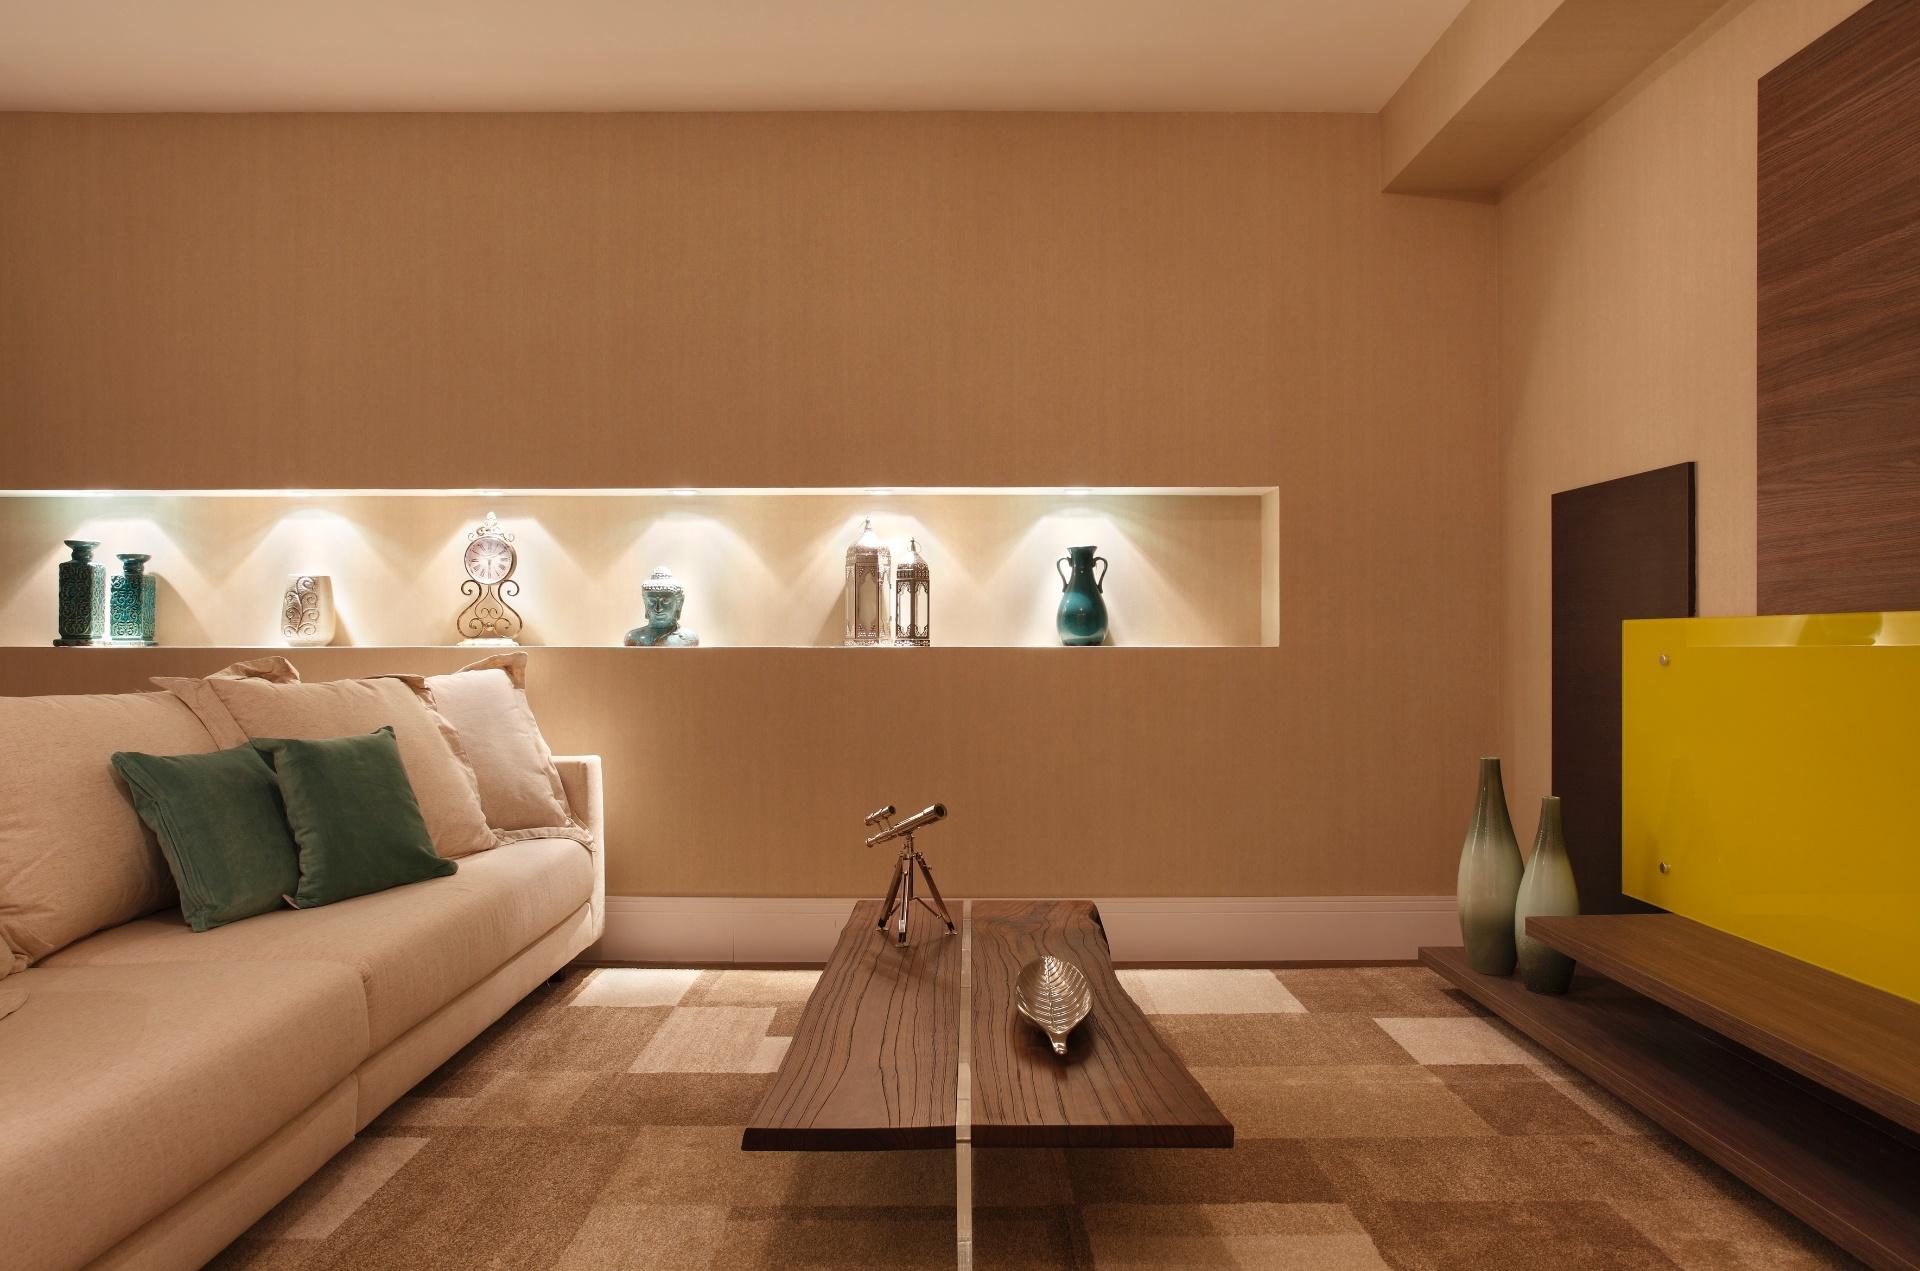 Sala da Família projetada por Andressa Fonseca. A mostra Morar Mais por Menos RJ segue até dia 4 de novembro de 2012, na Av. Epitácio Pessoa, 4.866, Rio de Janeiro